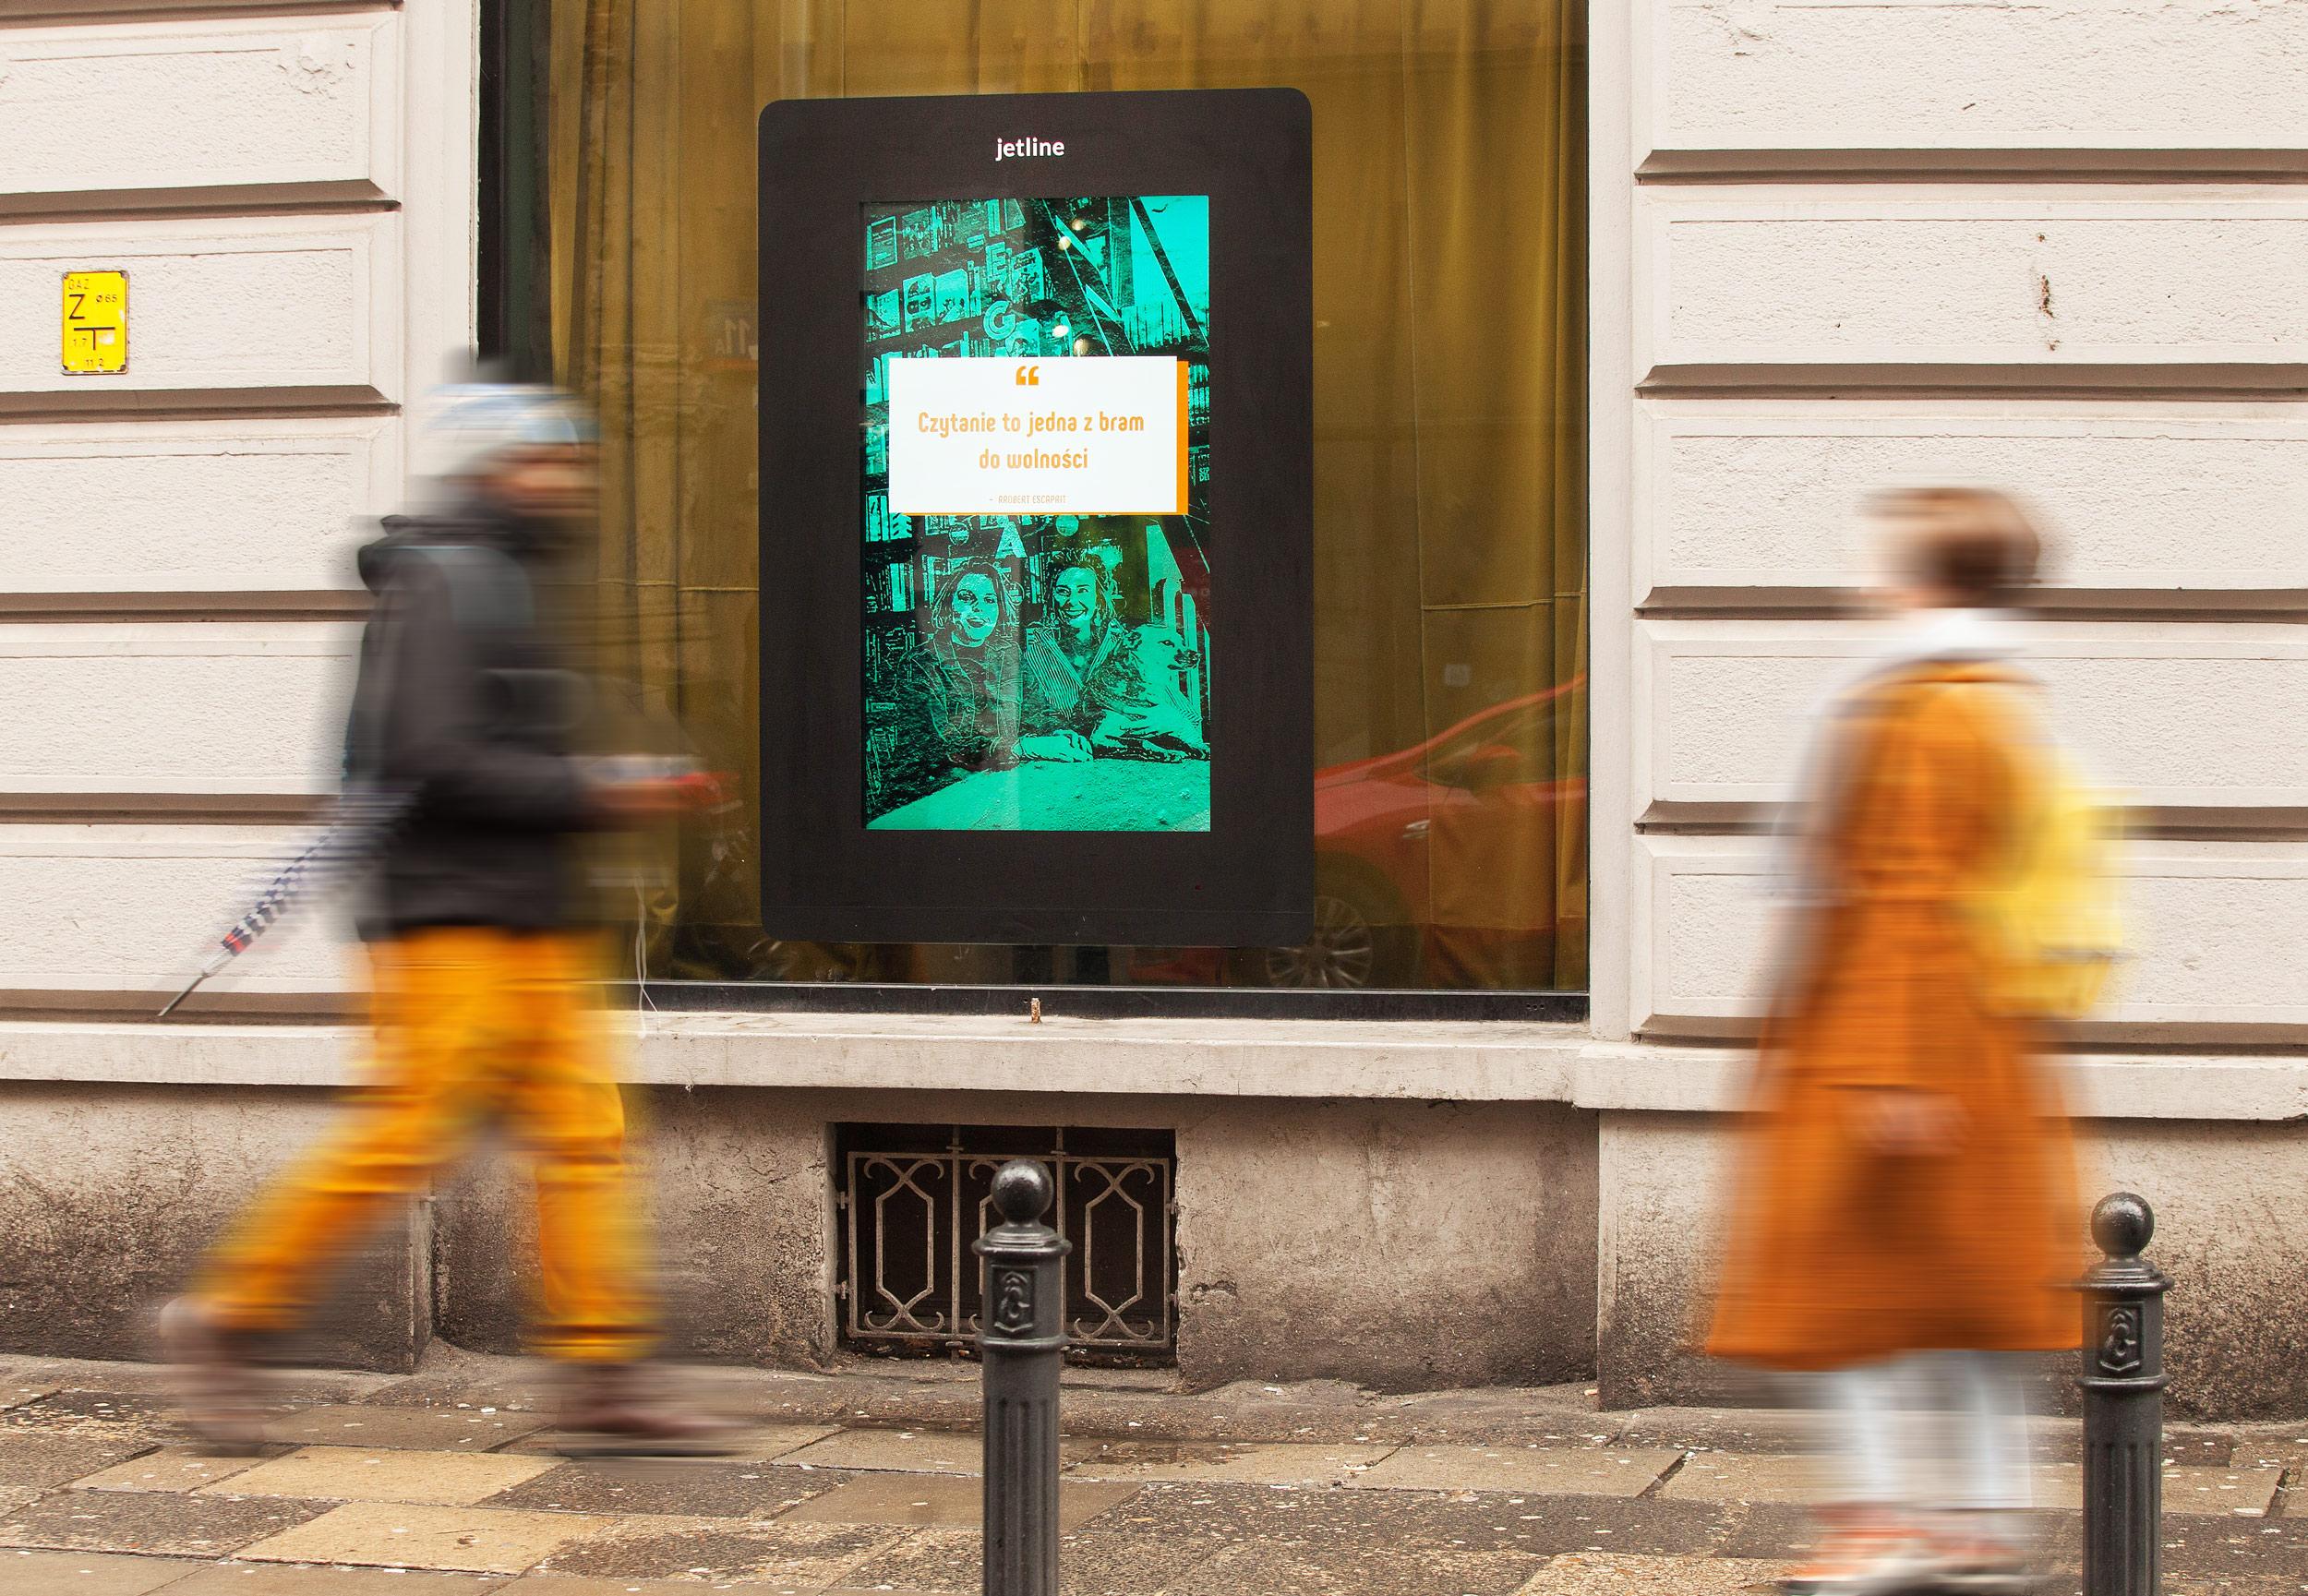 Ekrany MORE od Jet Line już niedługo w Krakowie